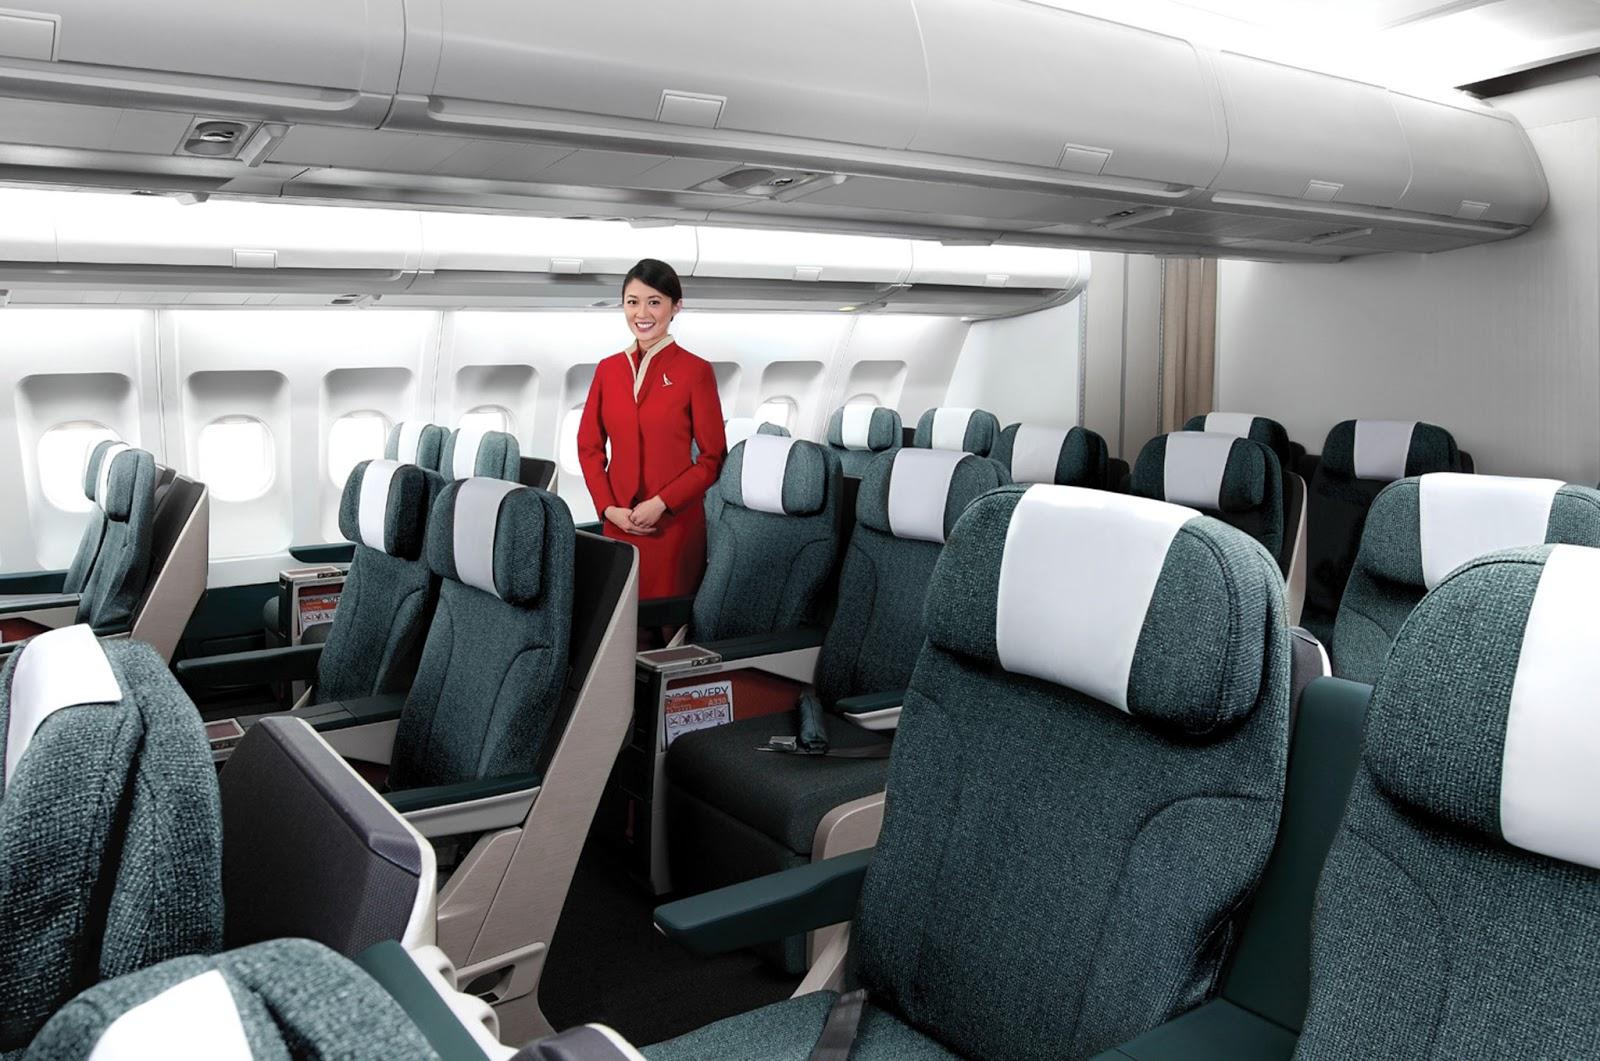 http://1.bp.blogspot.com/-ZcZ74tiiL-0/URL5IXH5-kI/AAAAAAAAPBI/oadwg-aJXFw/s1600/a330-300_cathay_pacific_business_class.jpg